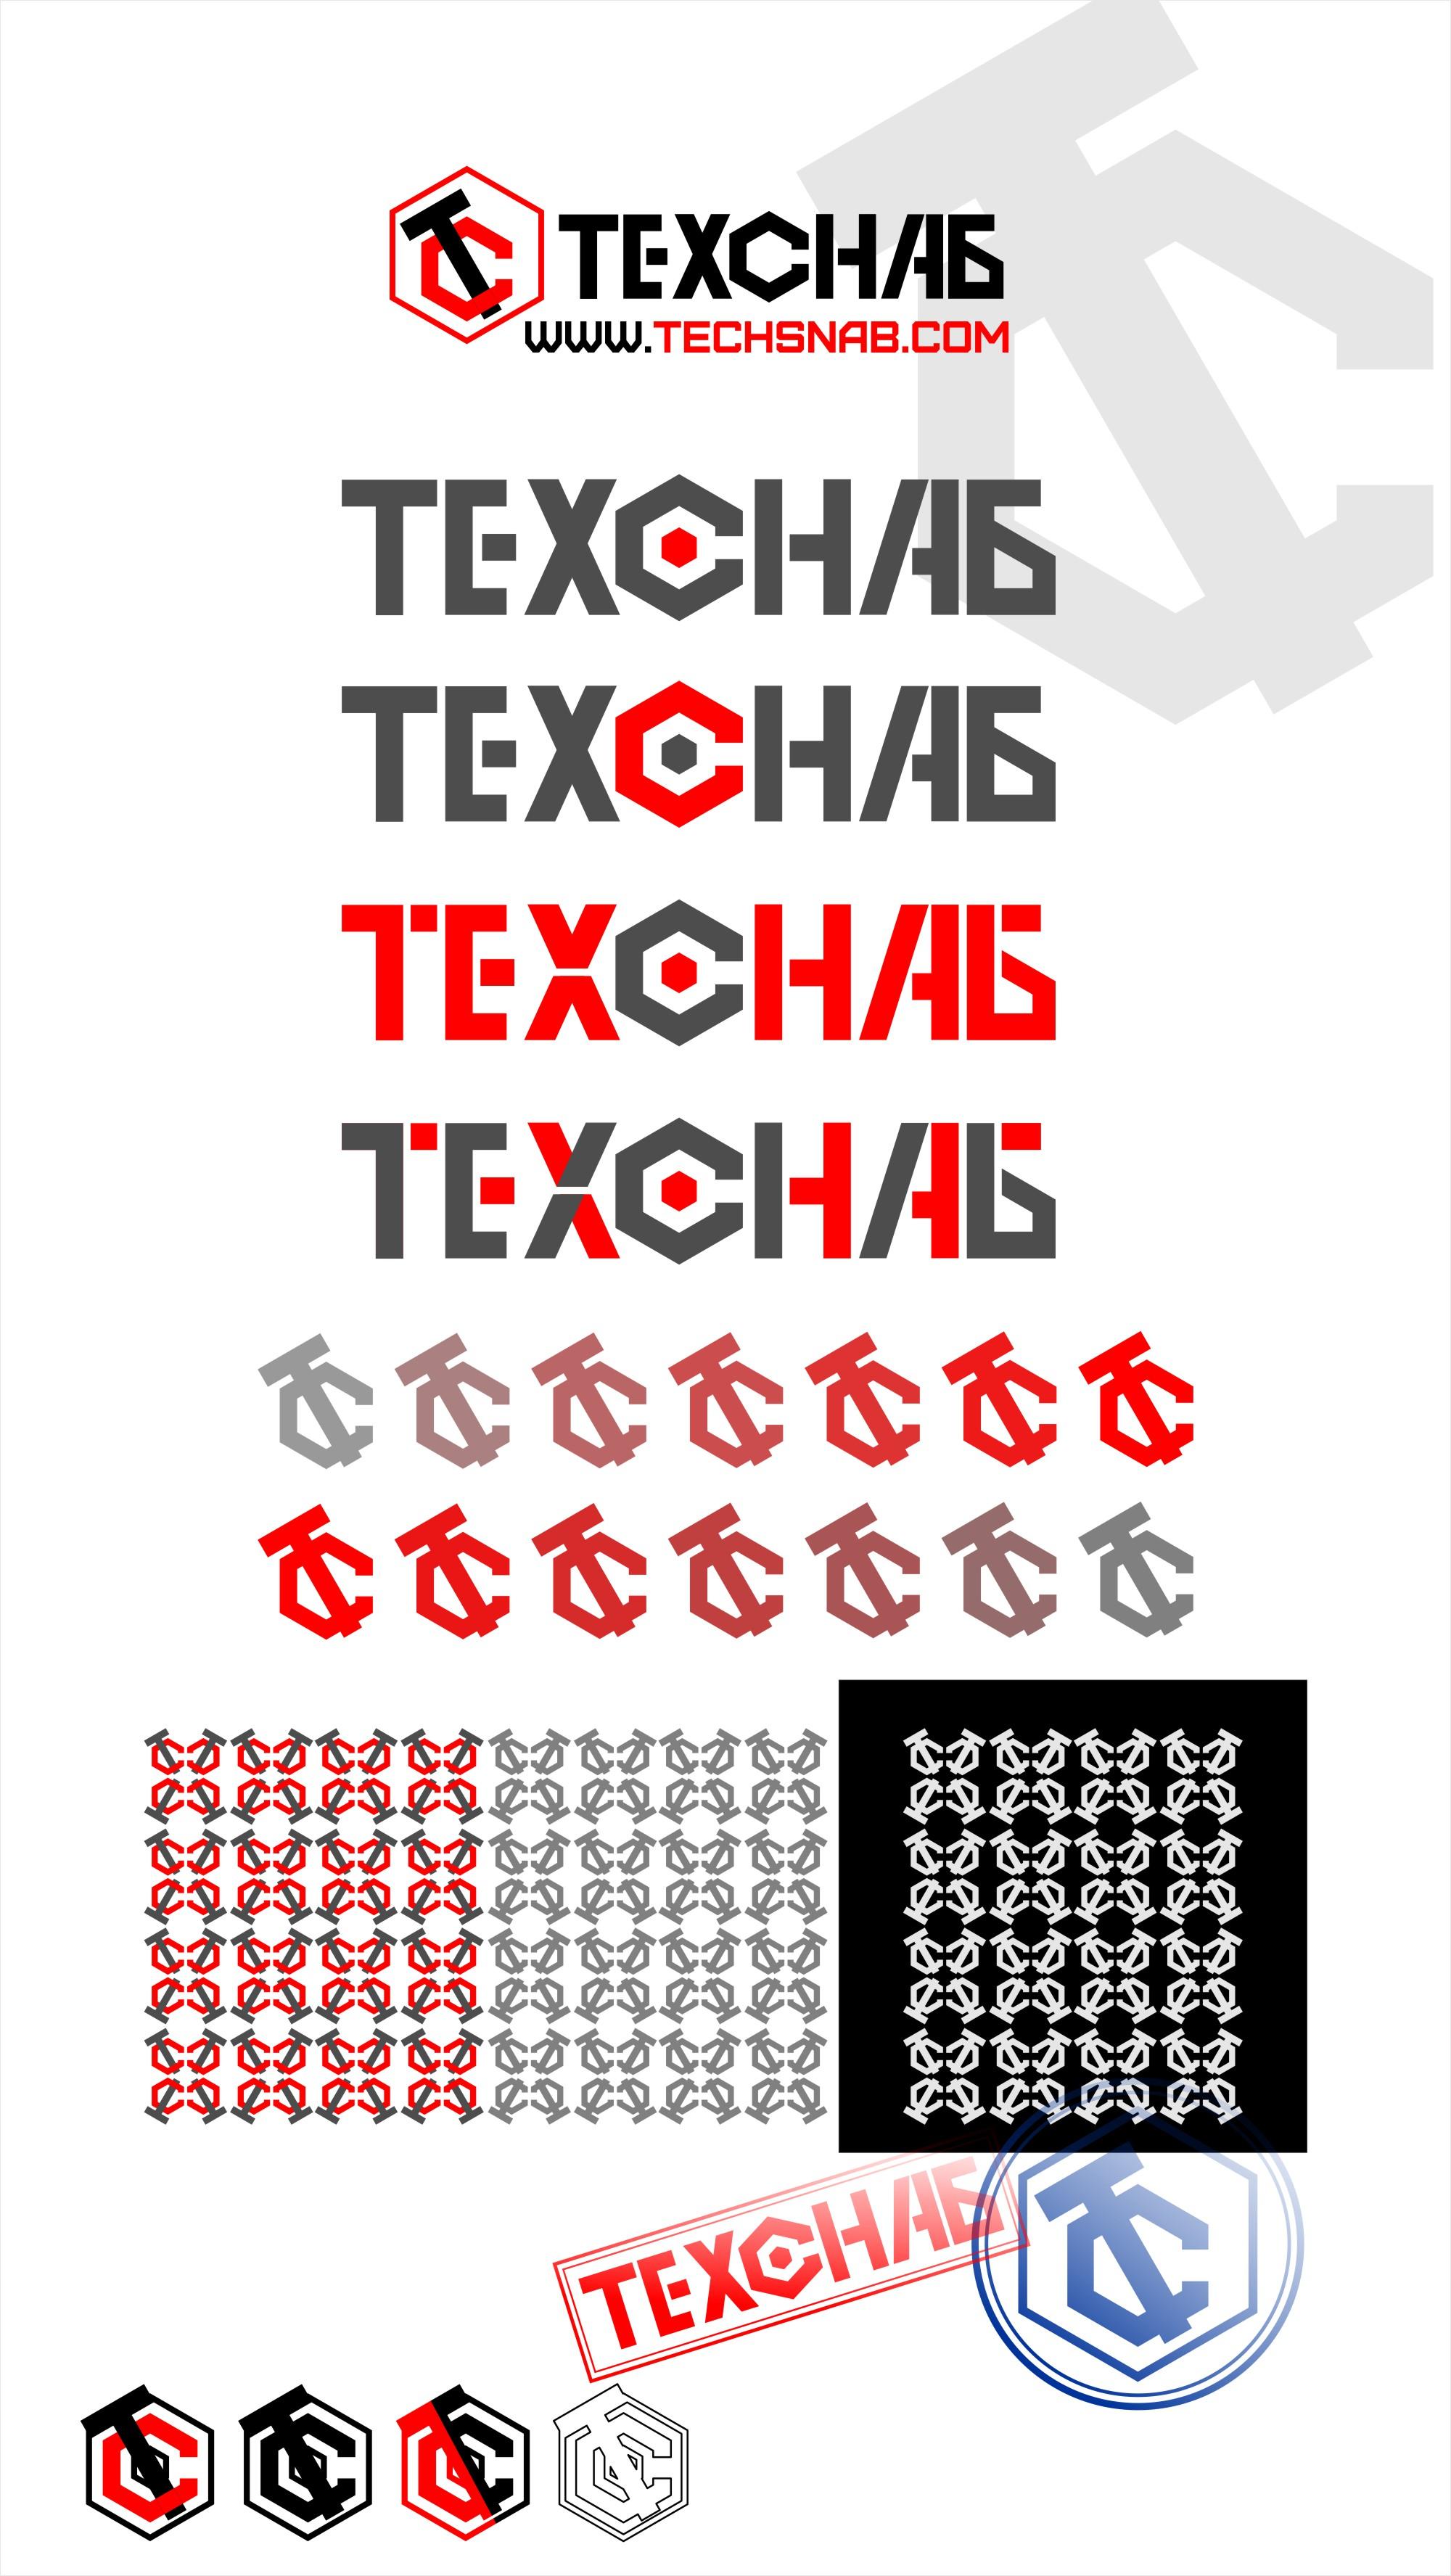 Разработка логотипа и фирм. стиля компании  ТЕХСНАБ фото f_6705b1f8d2738ee5.jpg